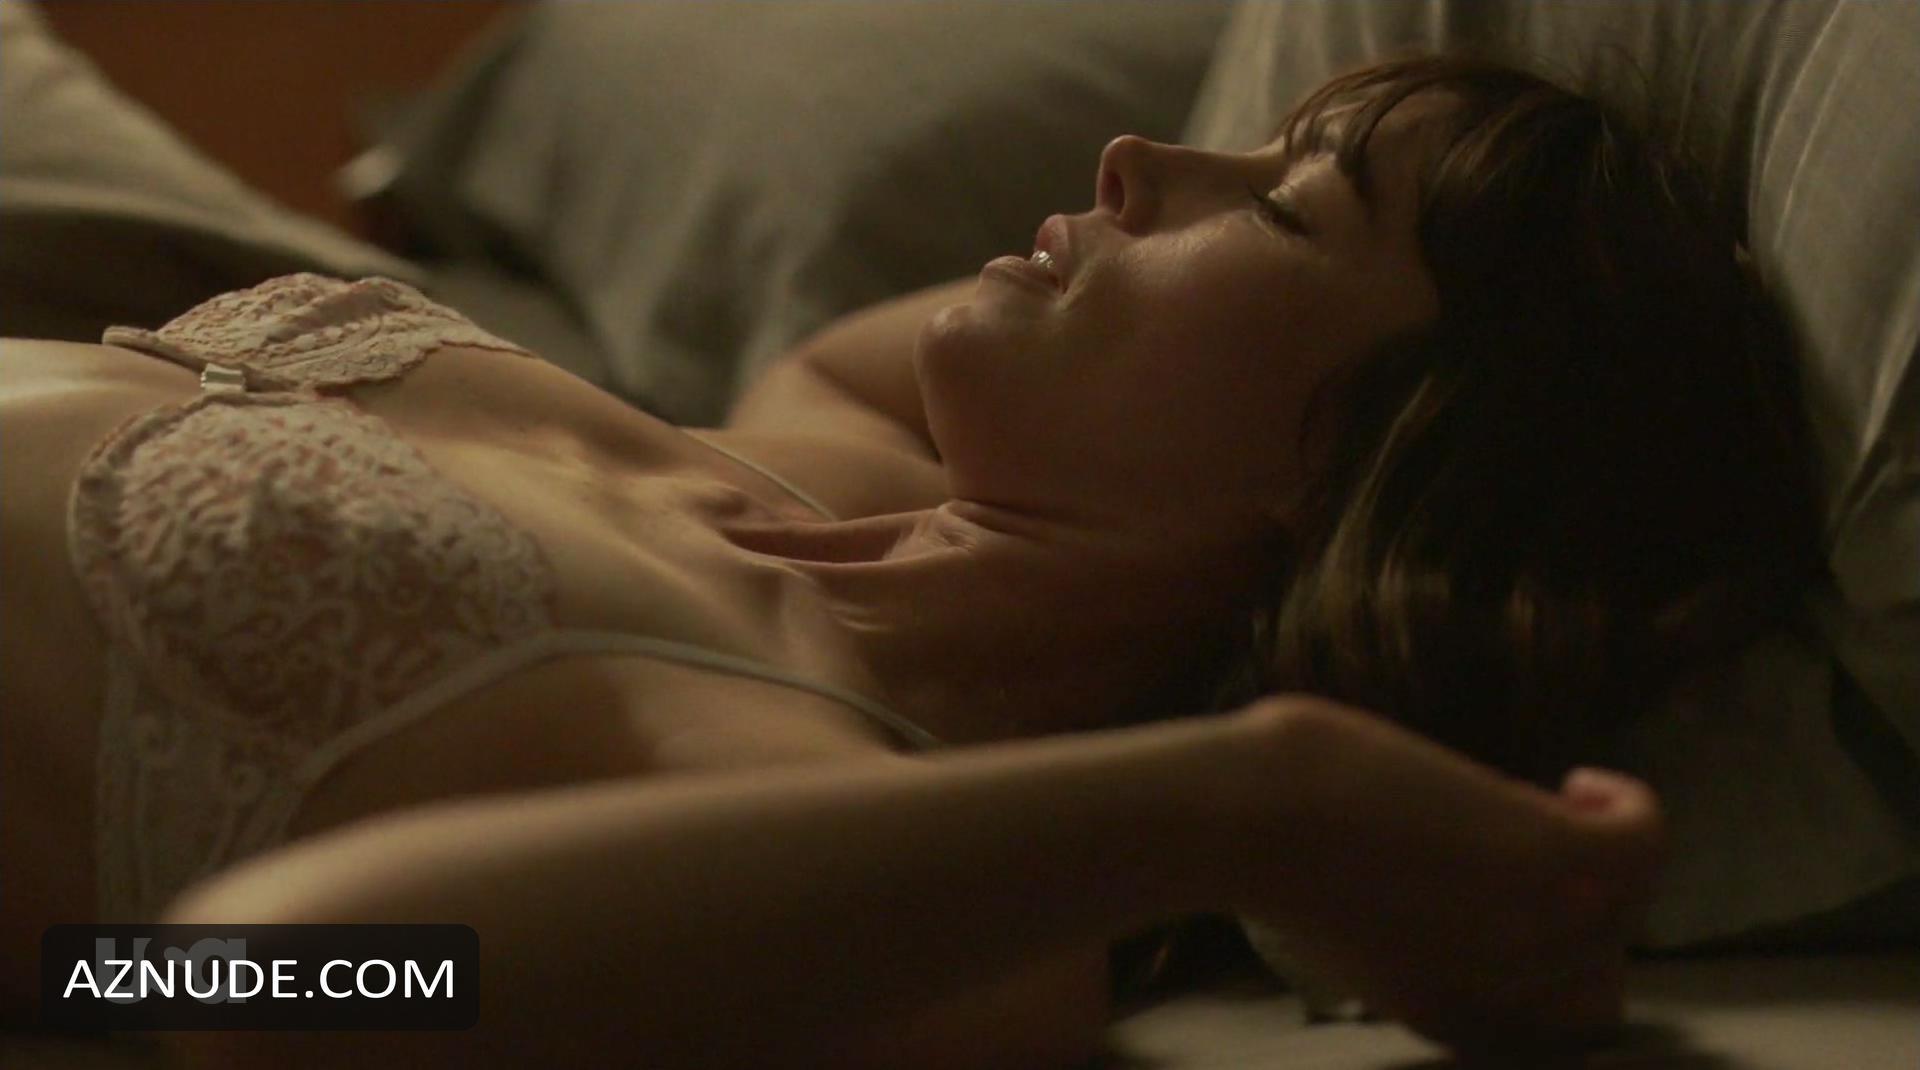 maria osmond naked images